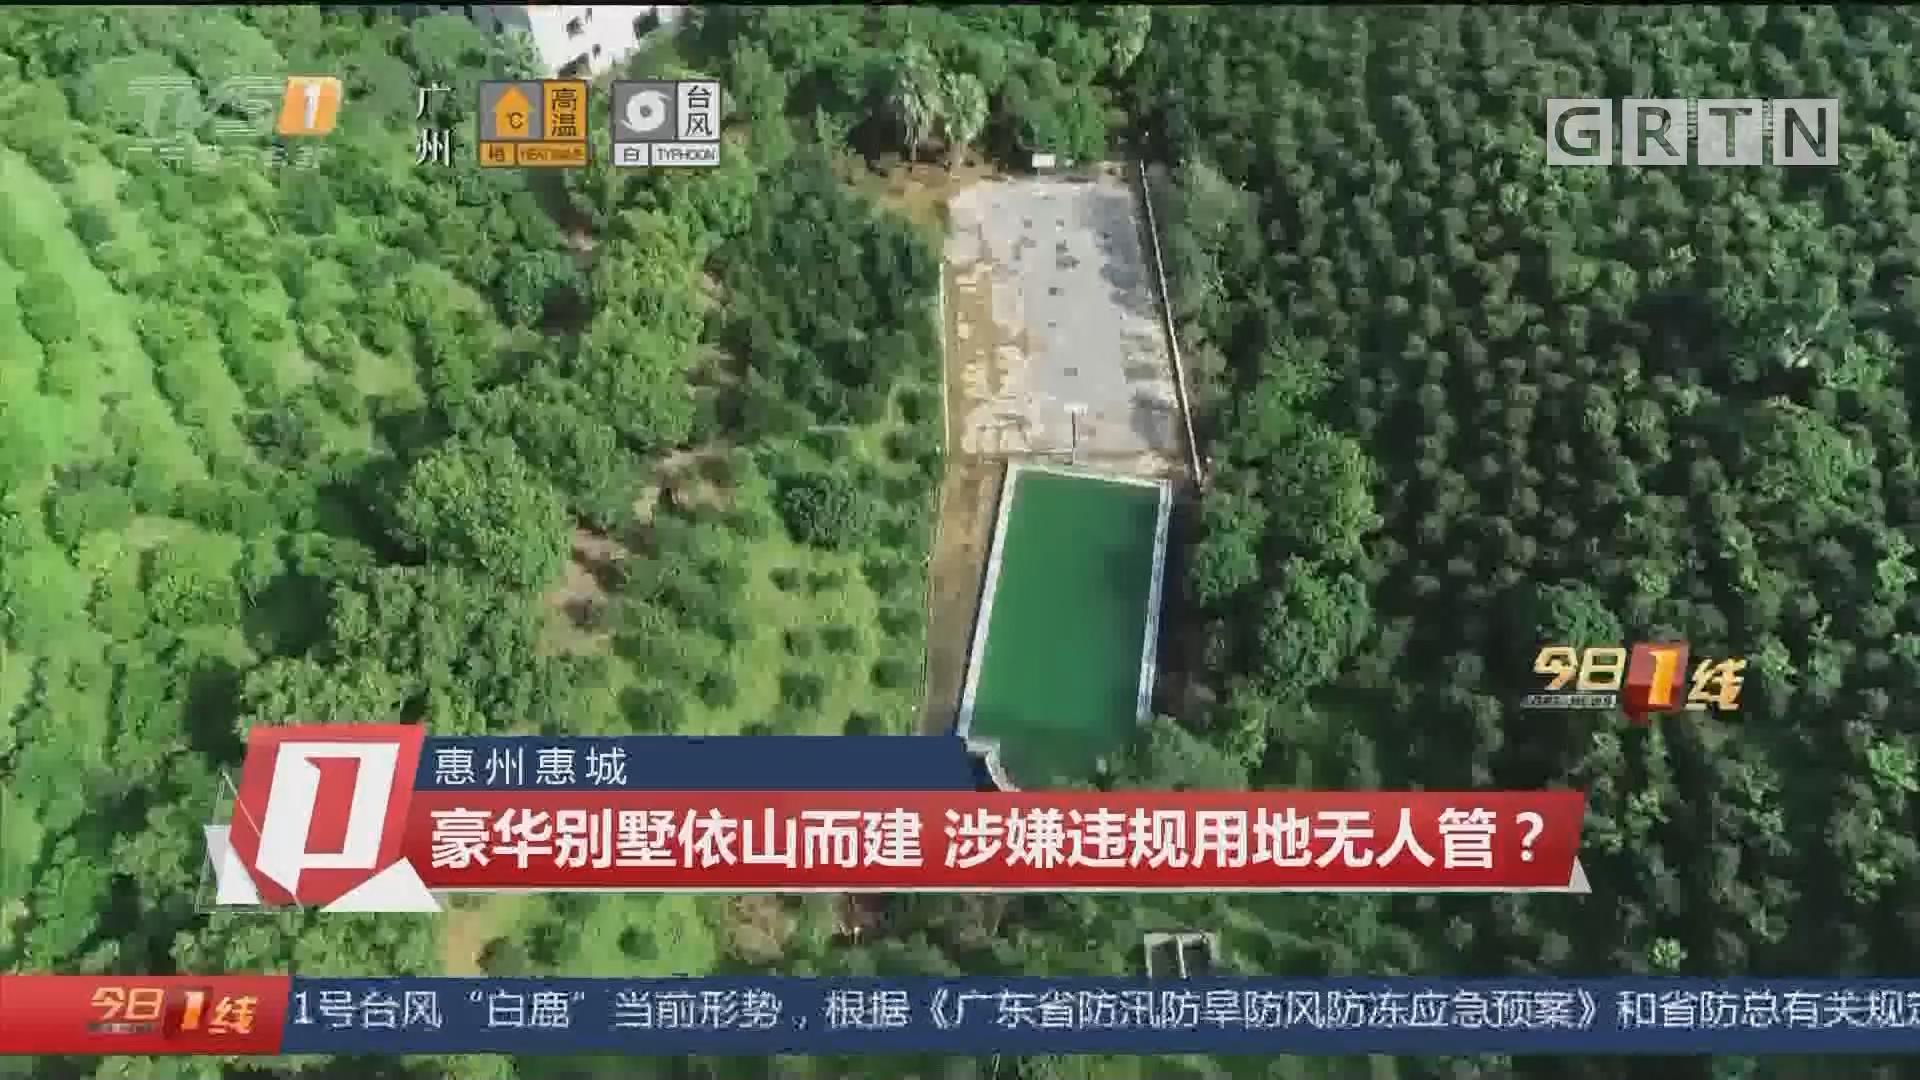 惠州惠城 豪华别墅依山而建 涉嫌违规用地无人管?